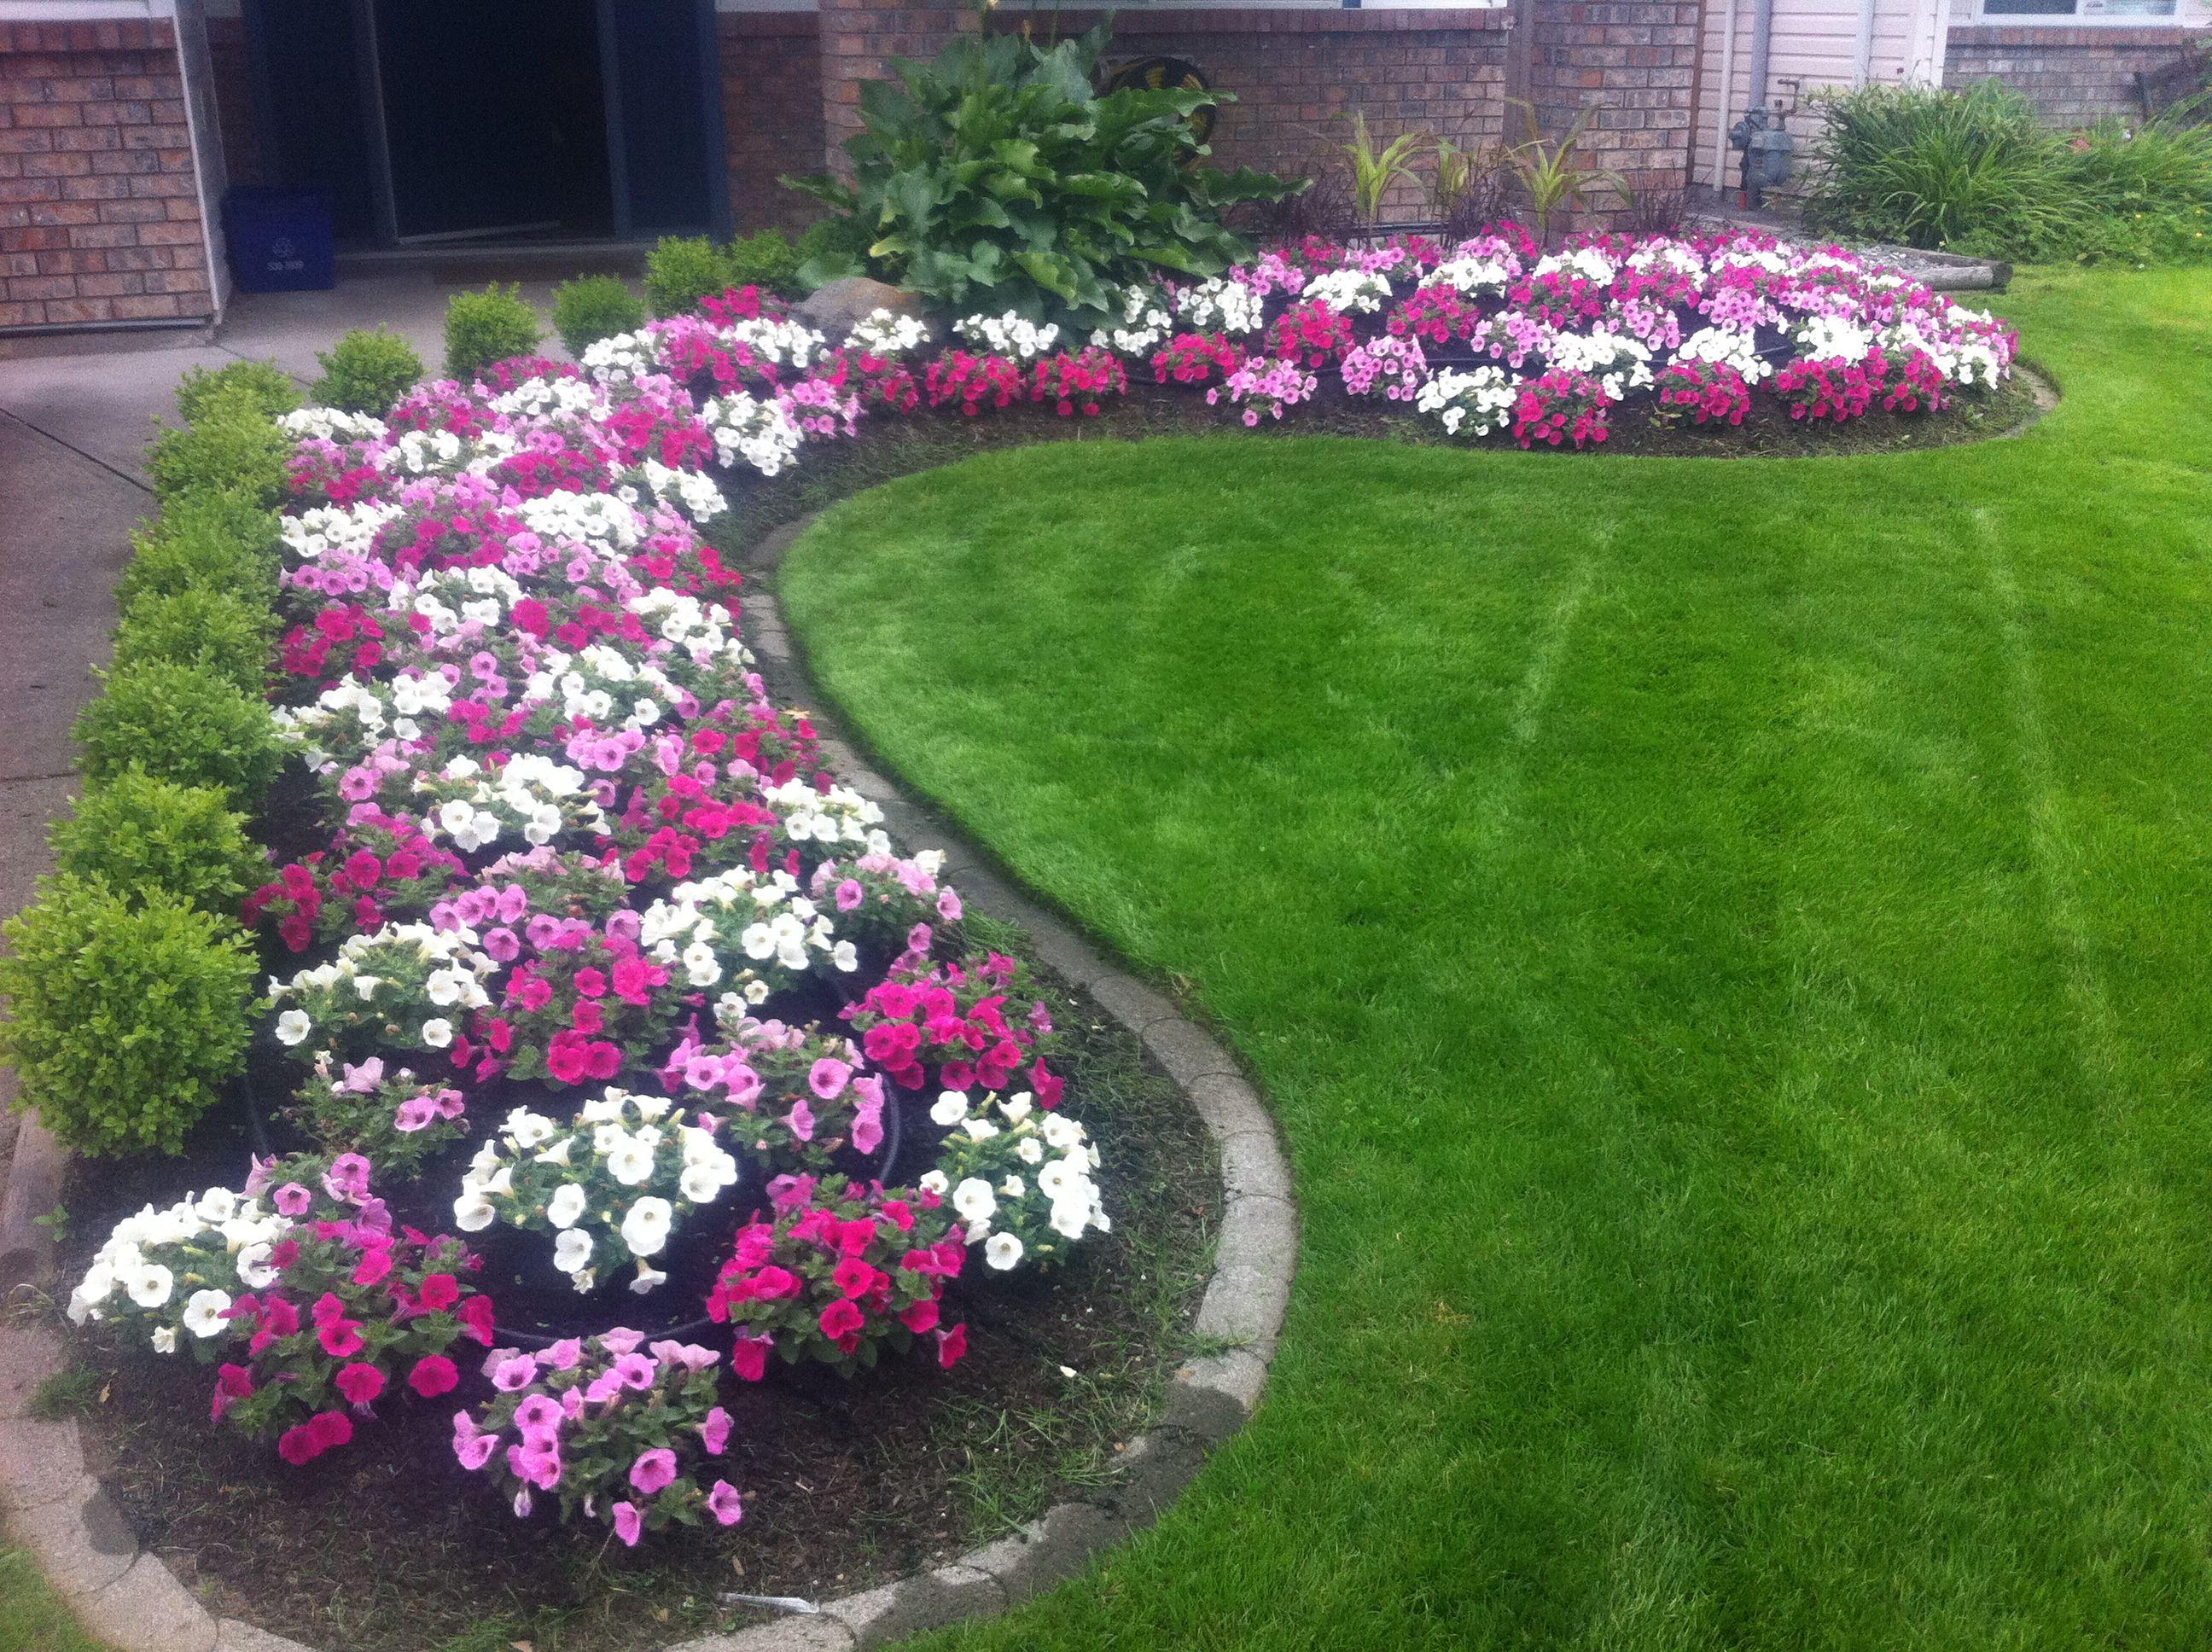 Pin By Jason Vandermey On Annuals Front Garden Design Front Yard Landscaping Front Yard Landscaping Design